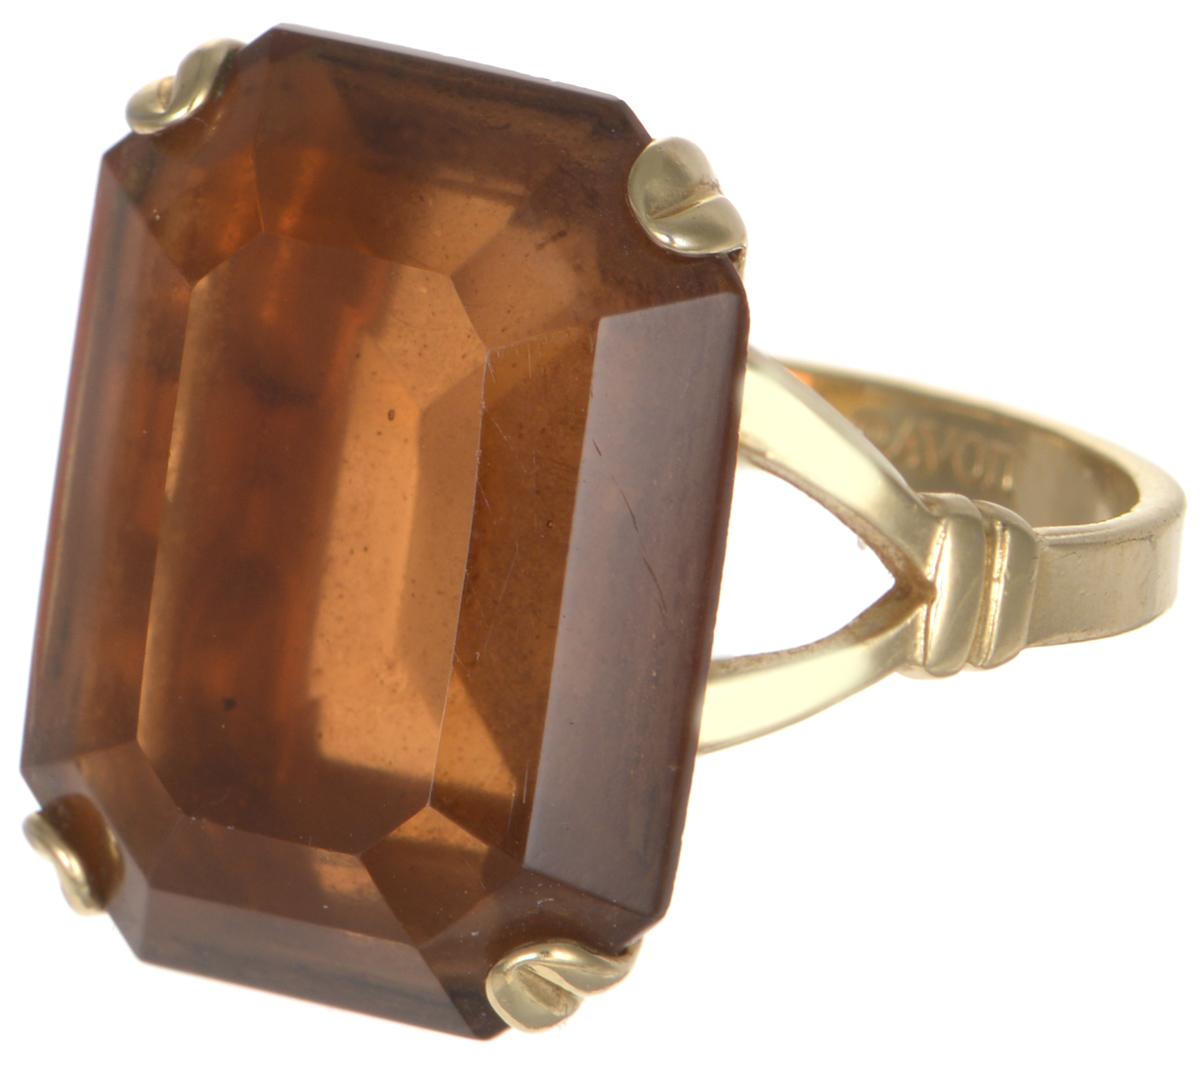 Винтажное кольцо-перстень Герцогиня от Avon. Ювелирный сплав золотого тона, крупный кристалл медового цвета. США, 1970-е годыT-B-8681-RING-BR.MULTIВинтажное кольцо-перстень Герцогиня от Avon. Ювелирный сплав золотого тона, крупный кристалл медового цвета. США, 1970-е годы. Размер кольца 18 Размер декоративного элемента: 1,5 х 2 см. Сохранность отличная. На внутренней стороне кольца стоит клеймо: Avon.